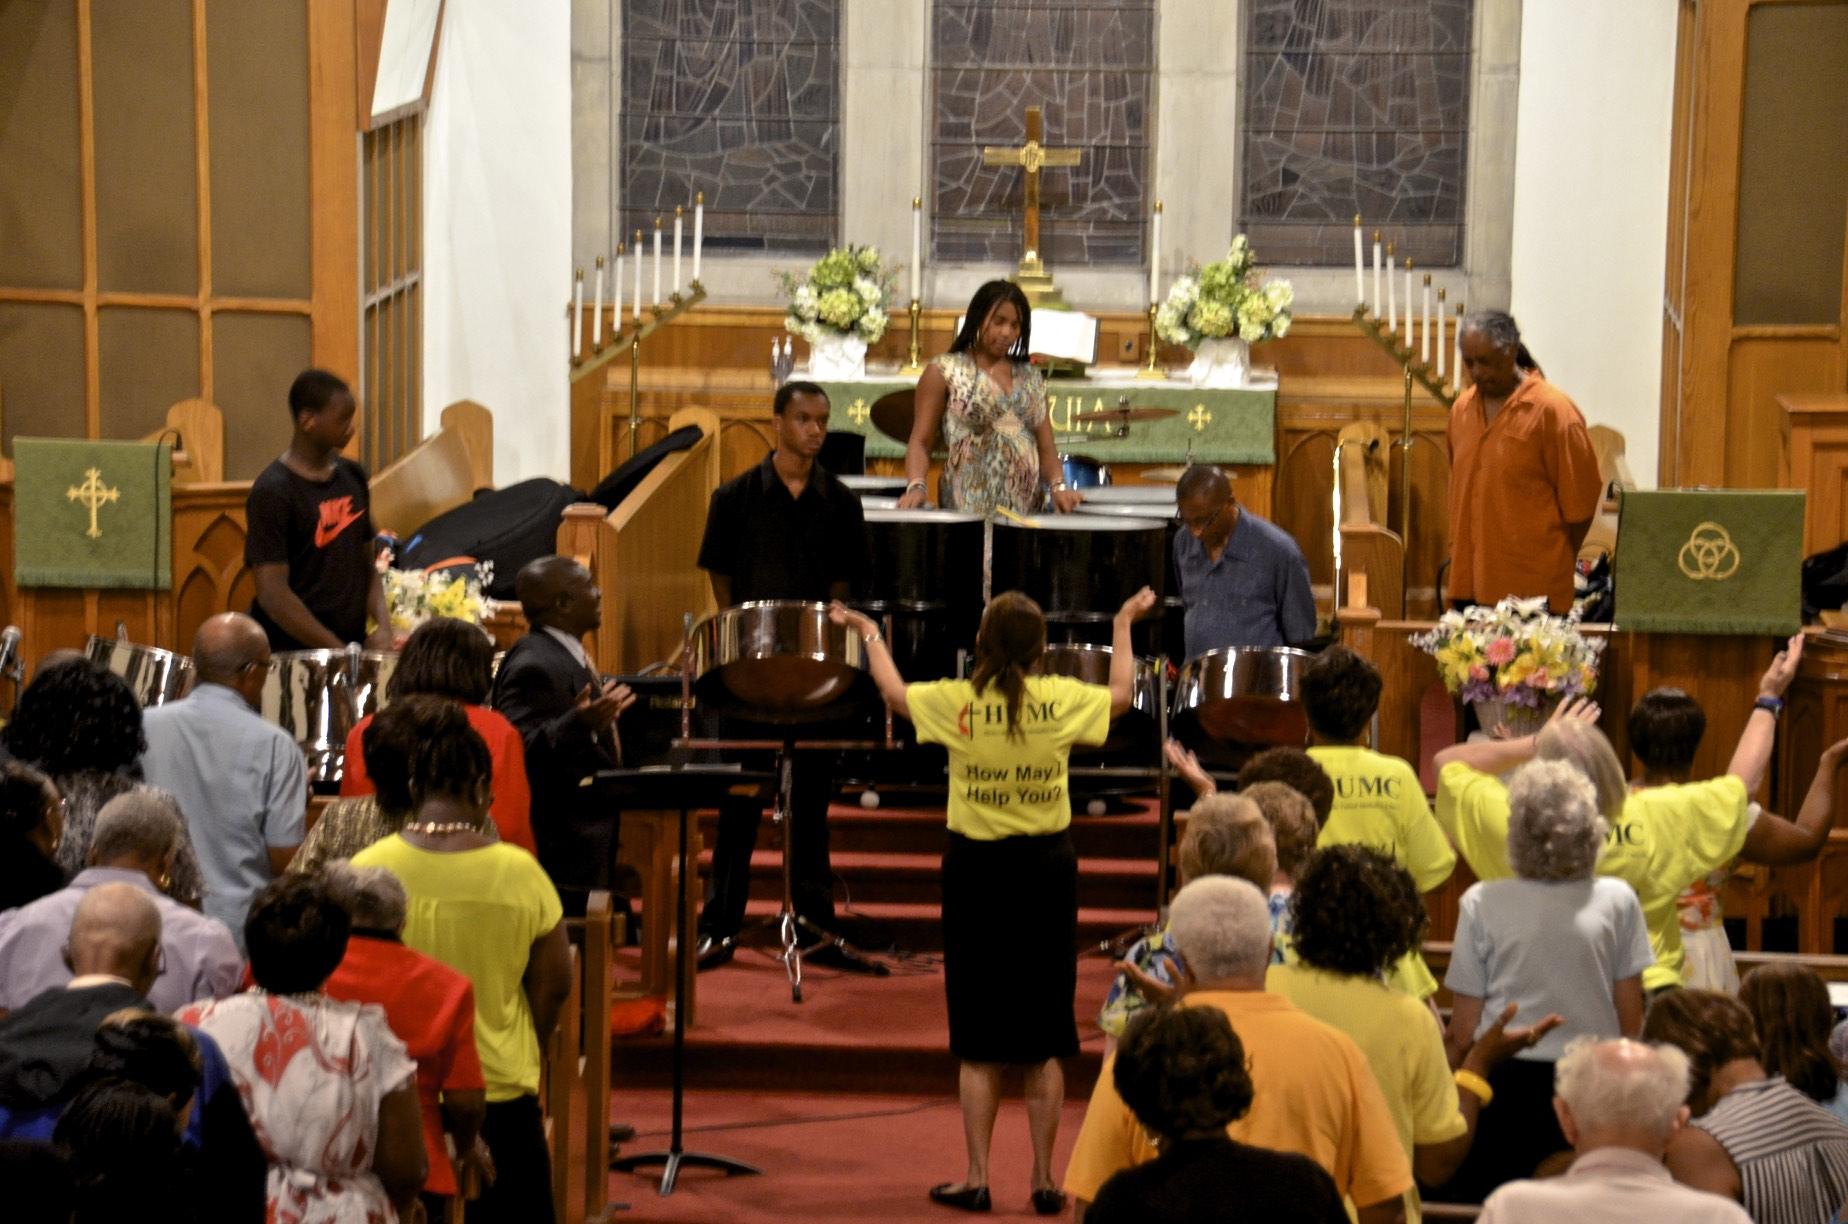 Revival Worship Extravaganza 08/21/15